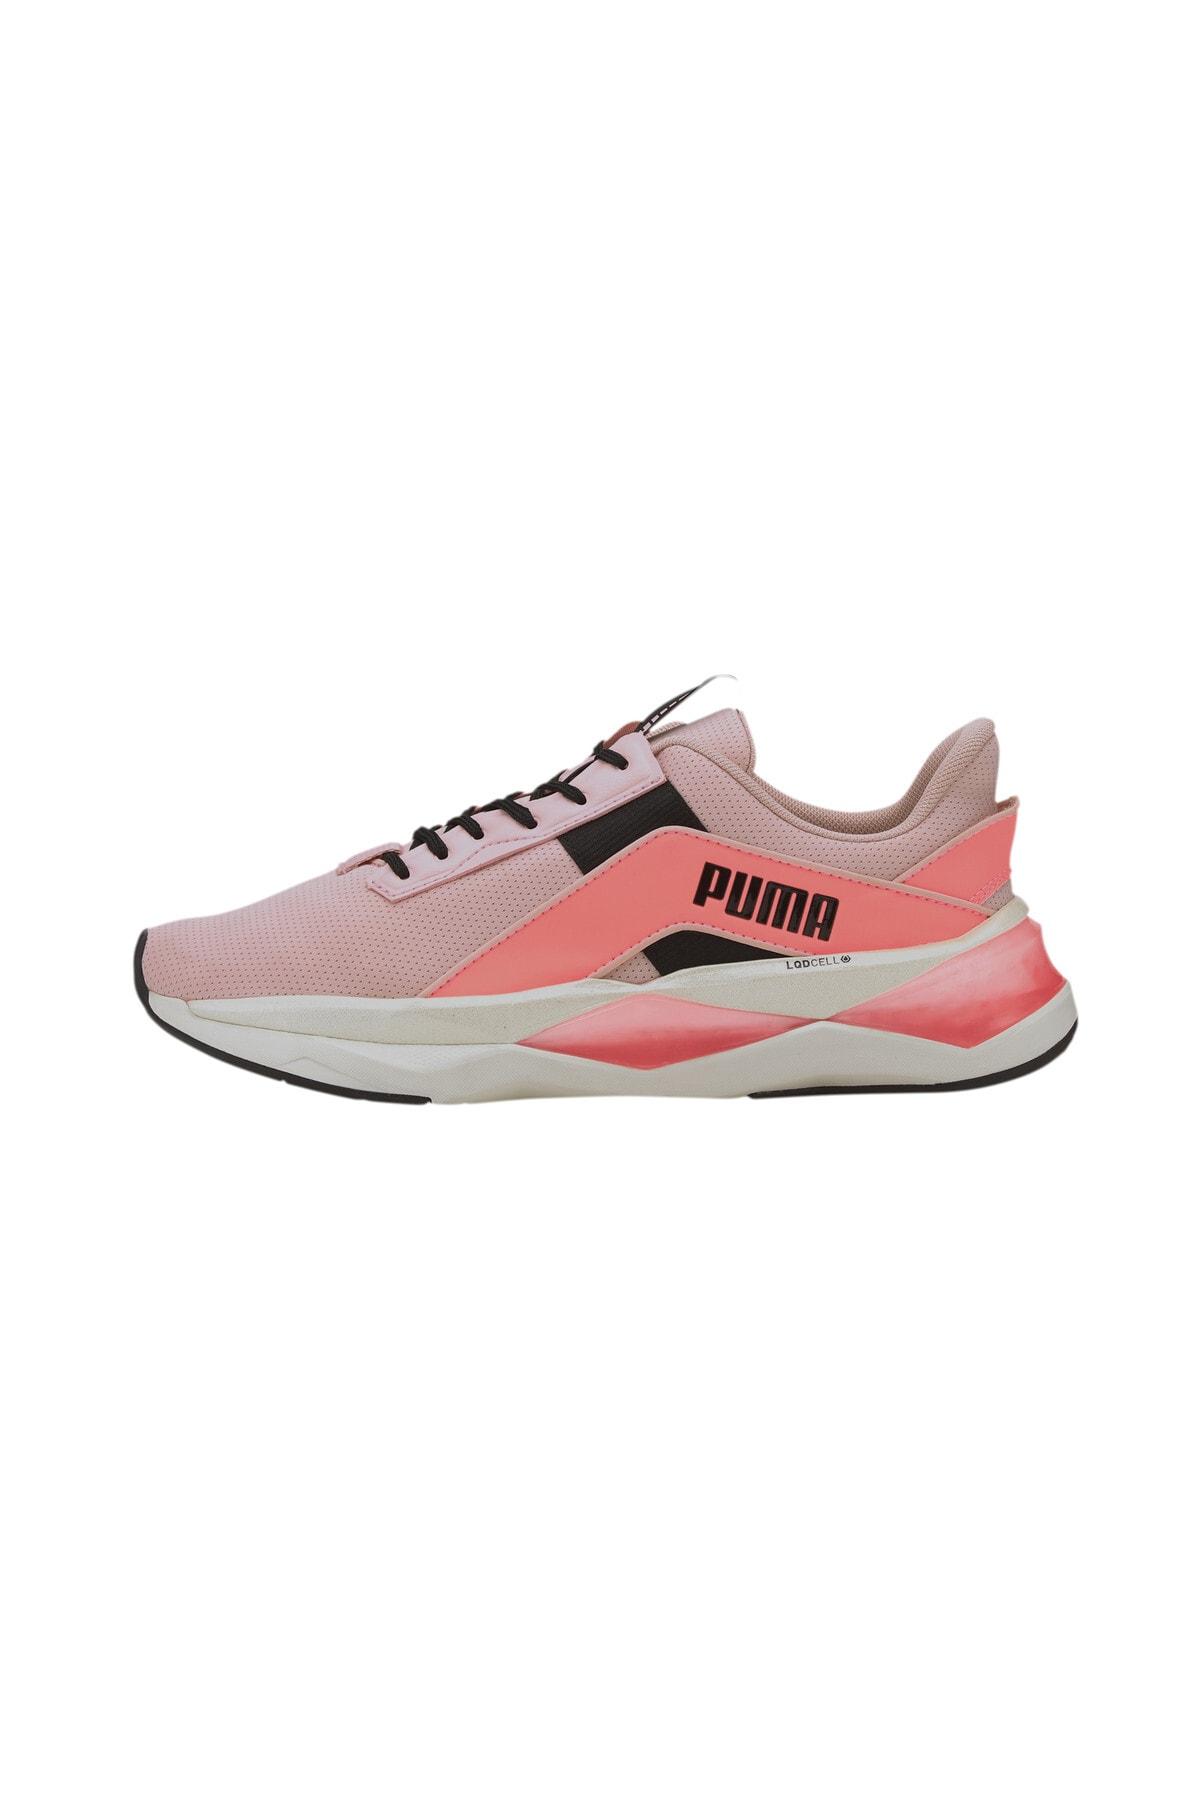 Puma LQDCELL SHATTER XT GEO PE Pembe Kadın Sneaker Ayakkabı 101119152 0